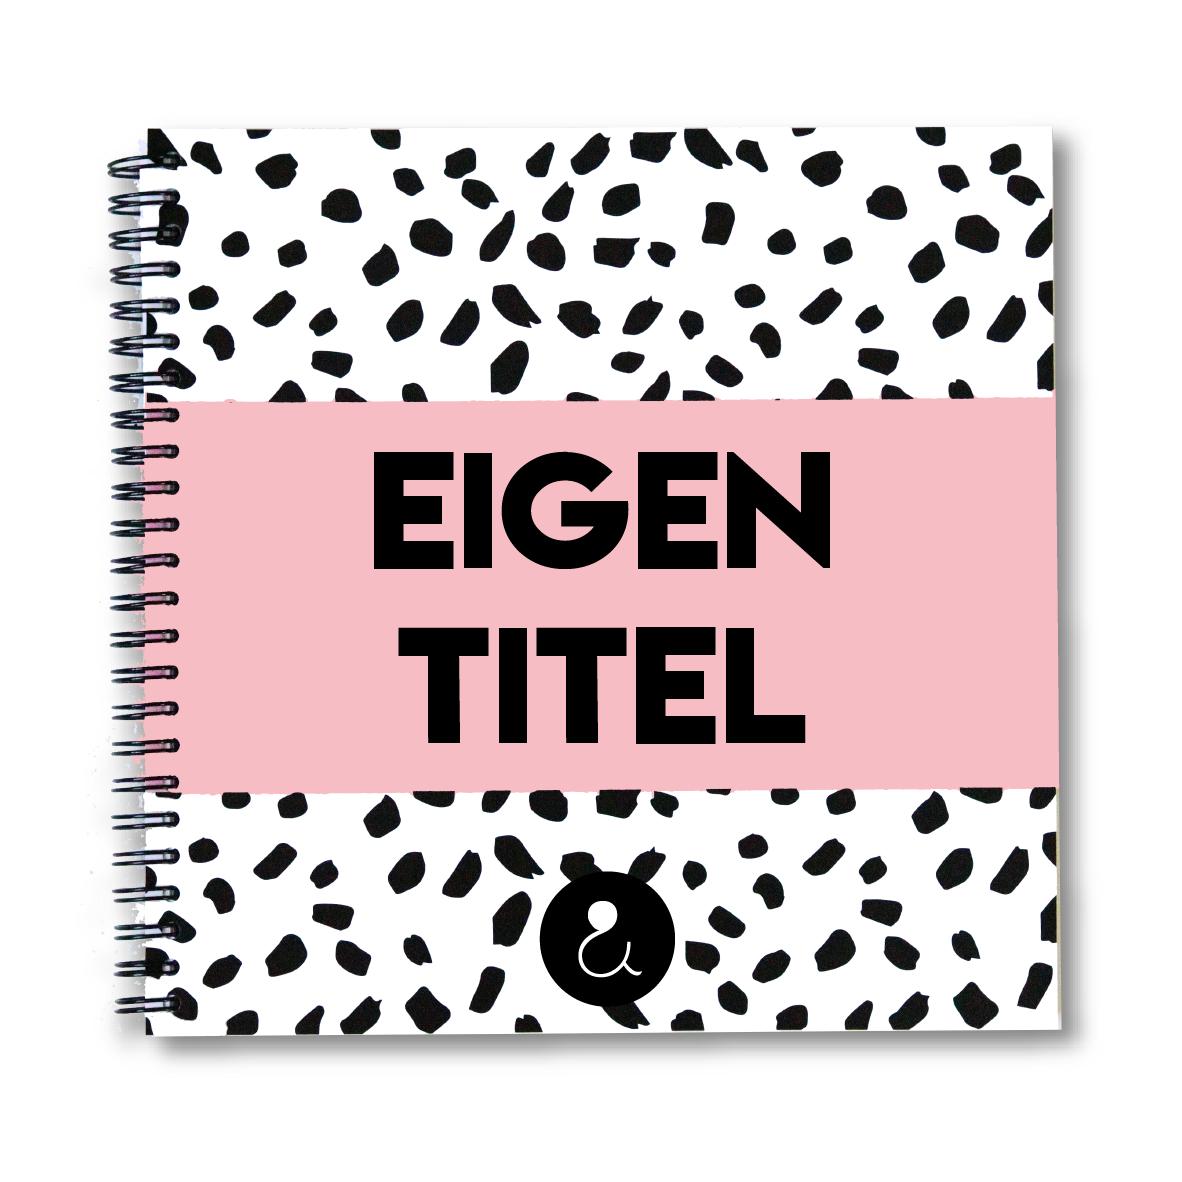 Plakboek met eigen titel | roze